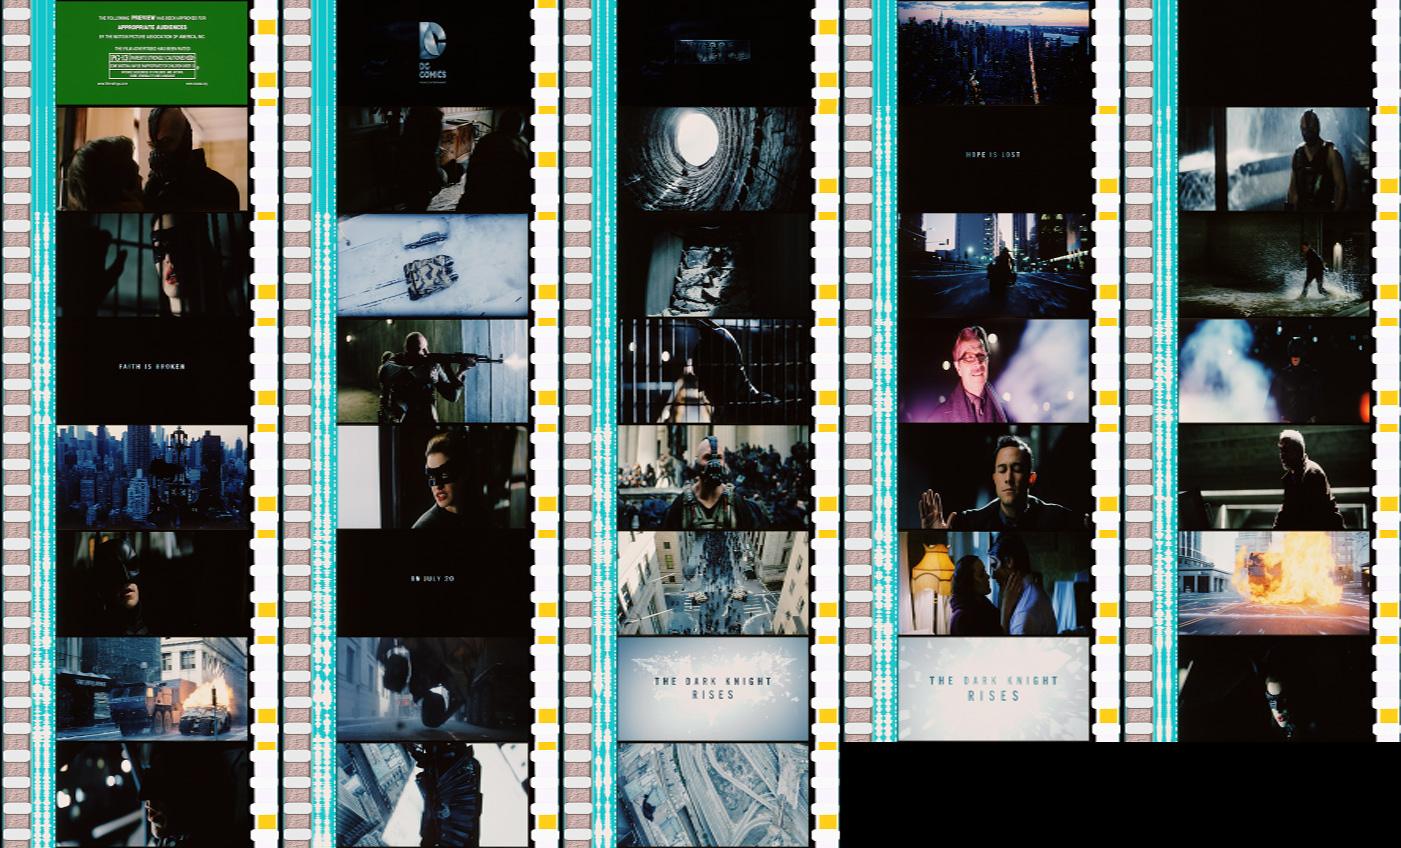 dark-knight-rises-trailer-images-stills.jpg